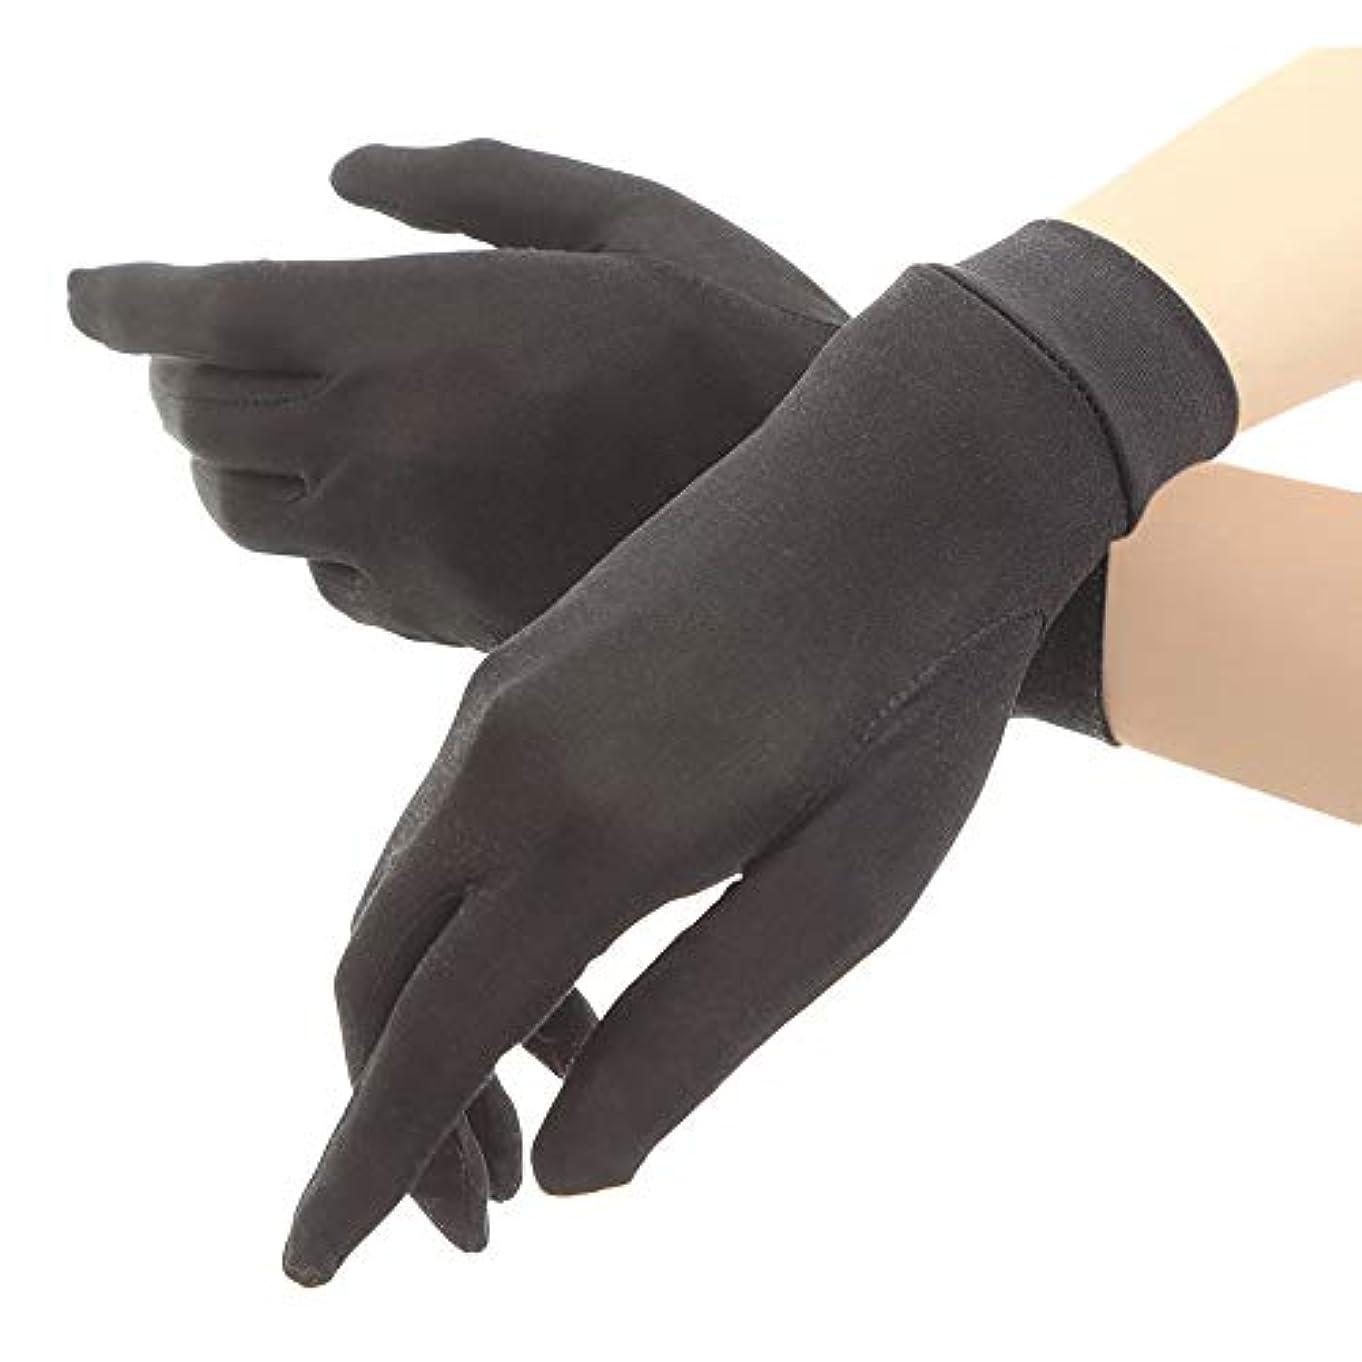 インカ帝国バルコニー置くためにパックシルク手袋 レディース 手袋 シルク 絹 ハンド ケア 保湿 紫外線 肌荒れ 乾燥 サイズアップで手指にマッチ 【macch】